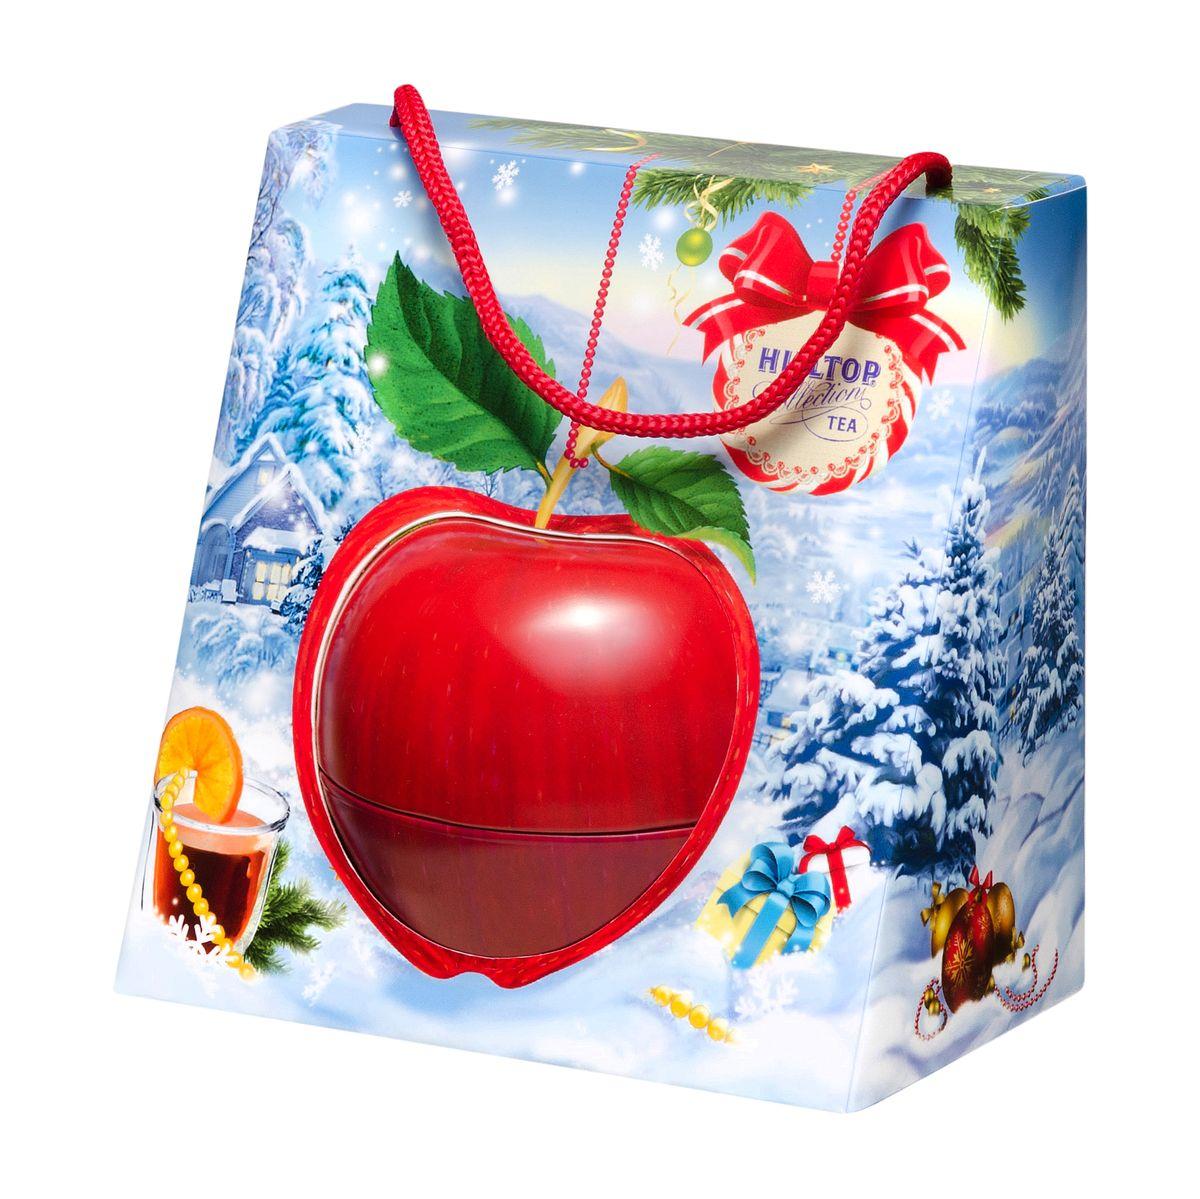 Hilltop Красное яблочко черный листовой чай, 50 г4607099305786Крупнолистовой цейлонский черный чай с глубоким насыщенным вкусом и изумительным ароматом Hilltop Красное яблочко будет идеальным дополнением к праздничным посиделкам! Яркая упаковка чая порадует вас, а также ваших друзей или близких, а терпкий чайный аромат согреет долгими зимними вечерами.